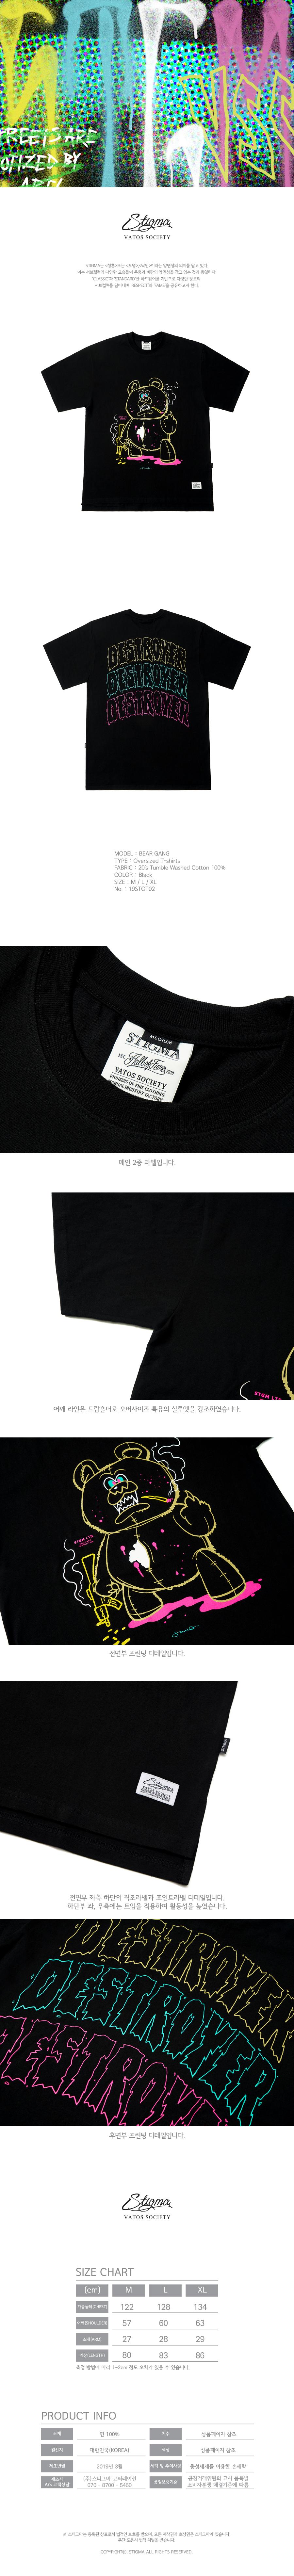 스티그마 STIGMA BEAR GANG OVERSIZED T-SHIRTS BLACK